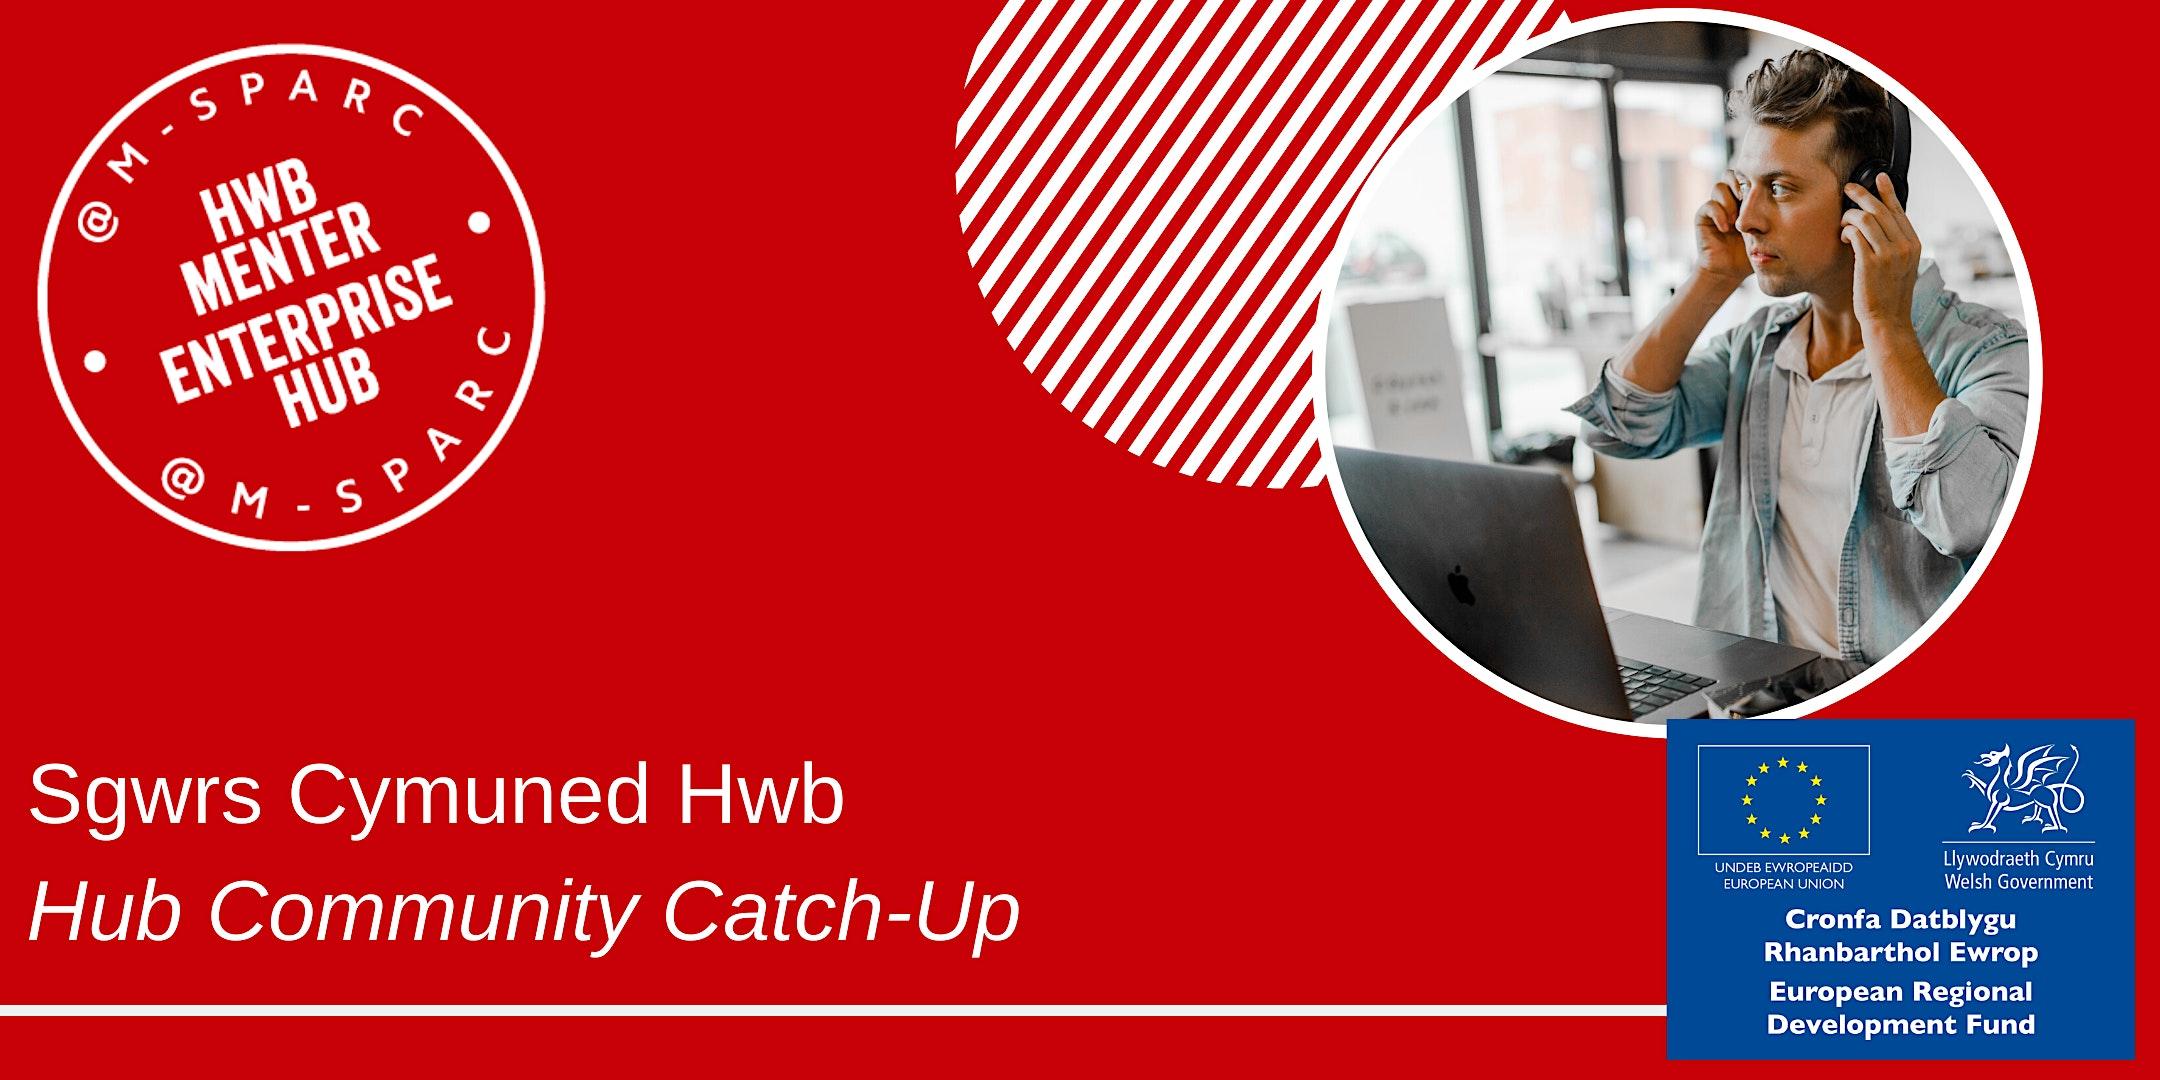 Covid-19: Sgwrs Cymuned Hwb / Hub Community Catch-Up